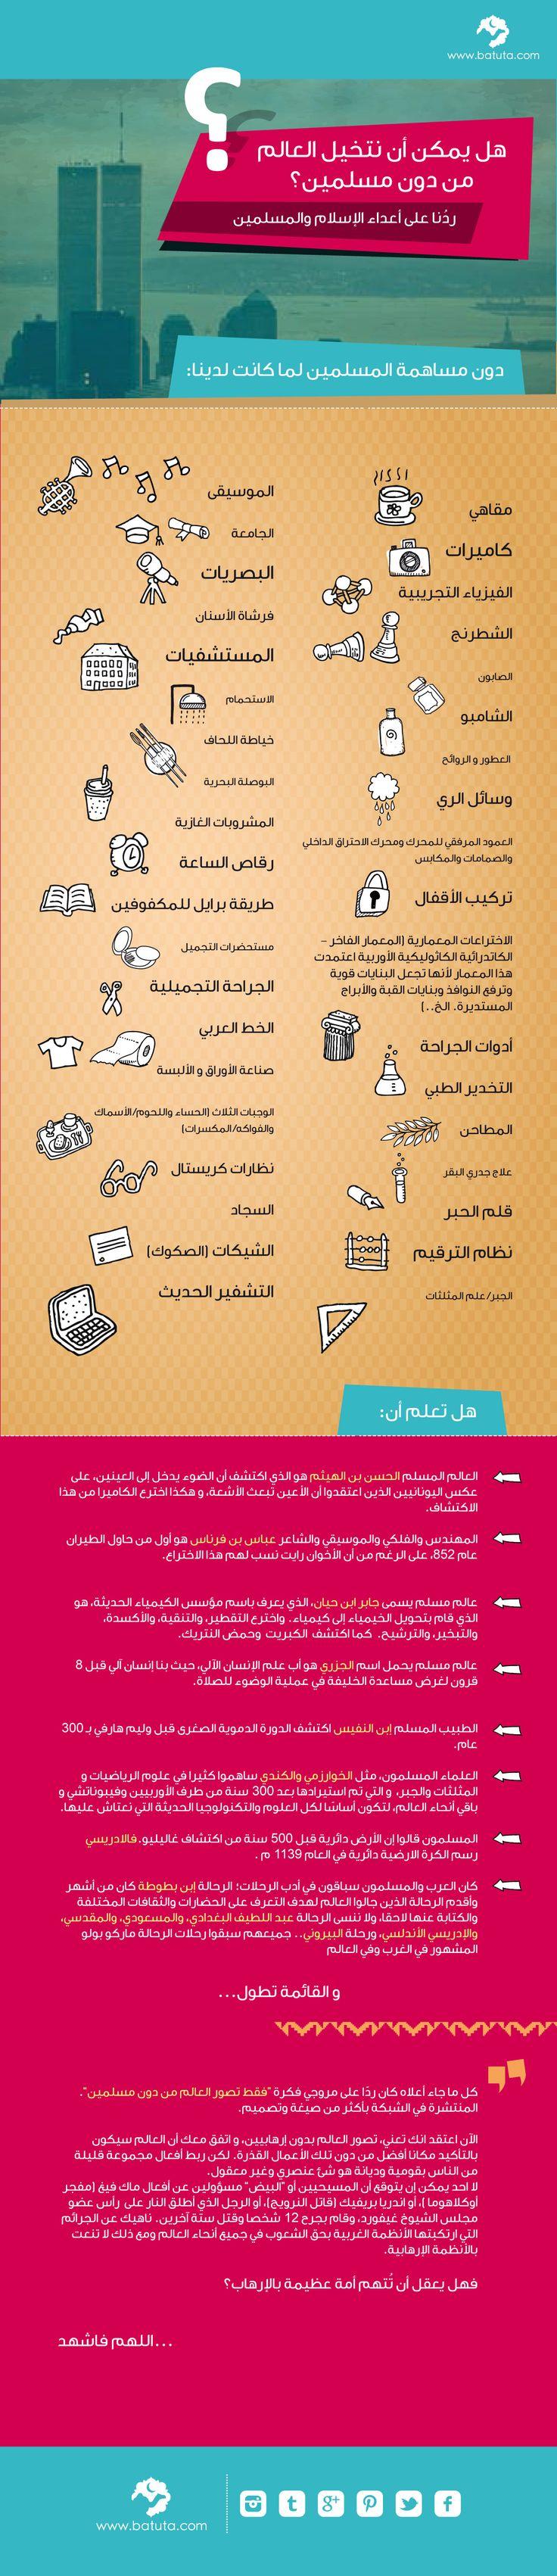 هل يمكنك أن تتخيل العالم دون مسلمين؟  www.batuta.com